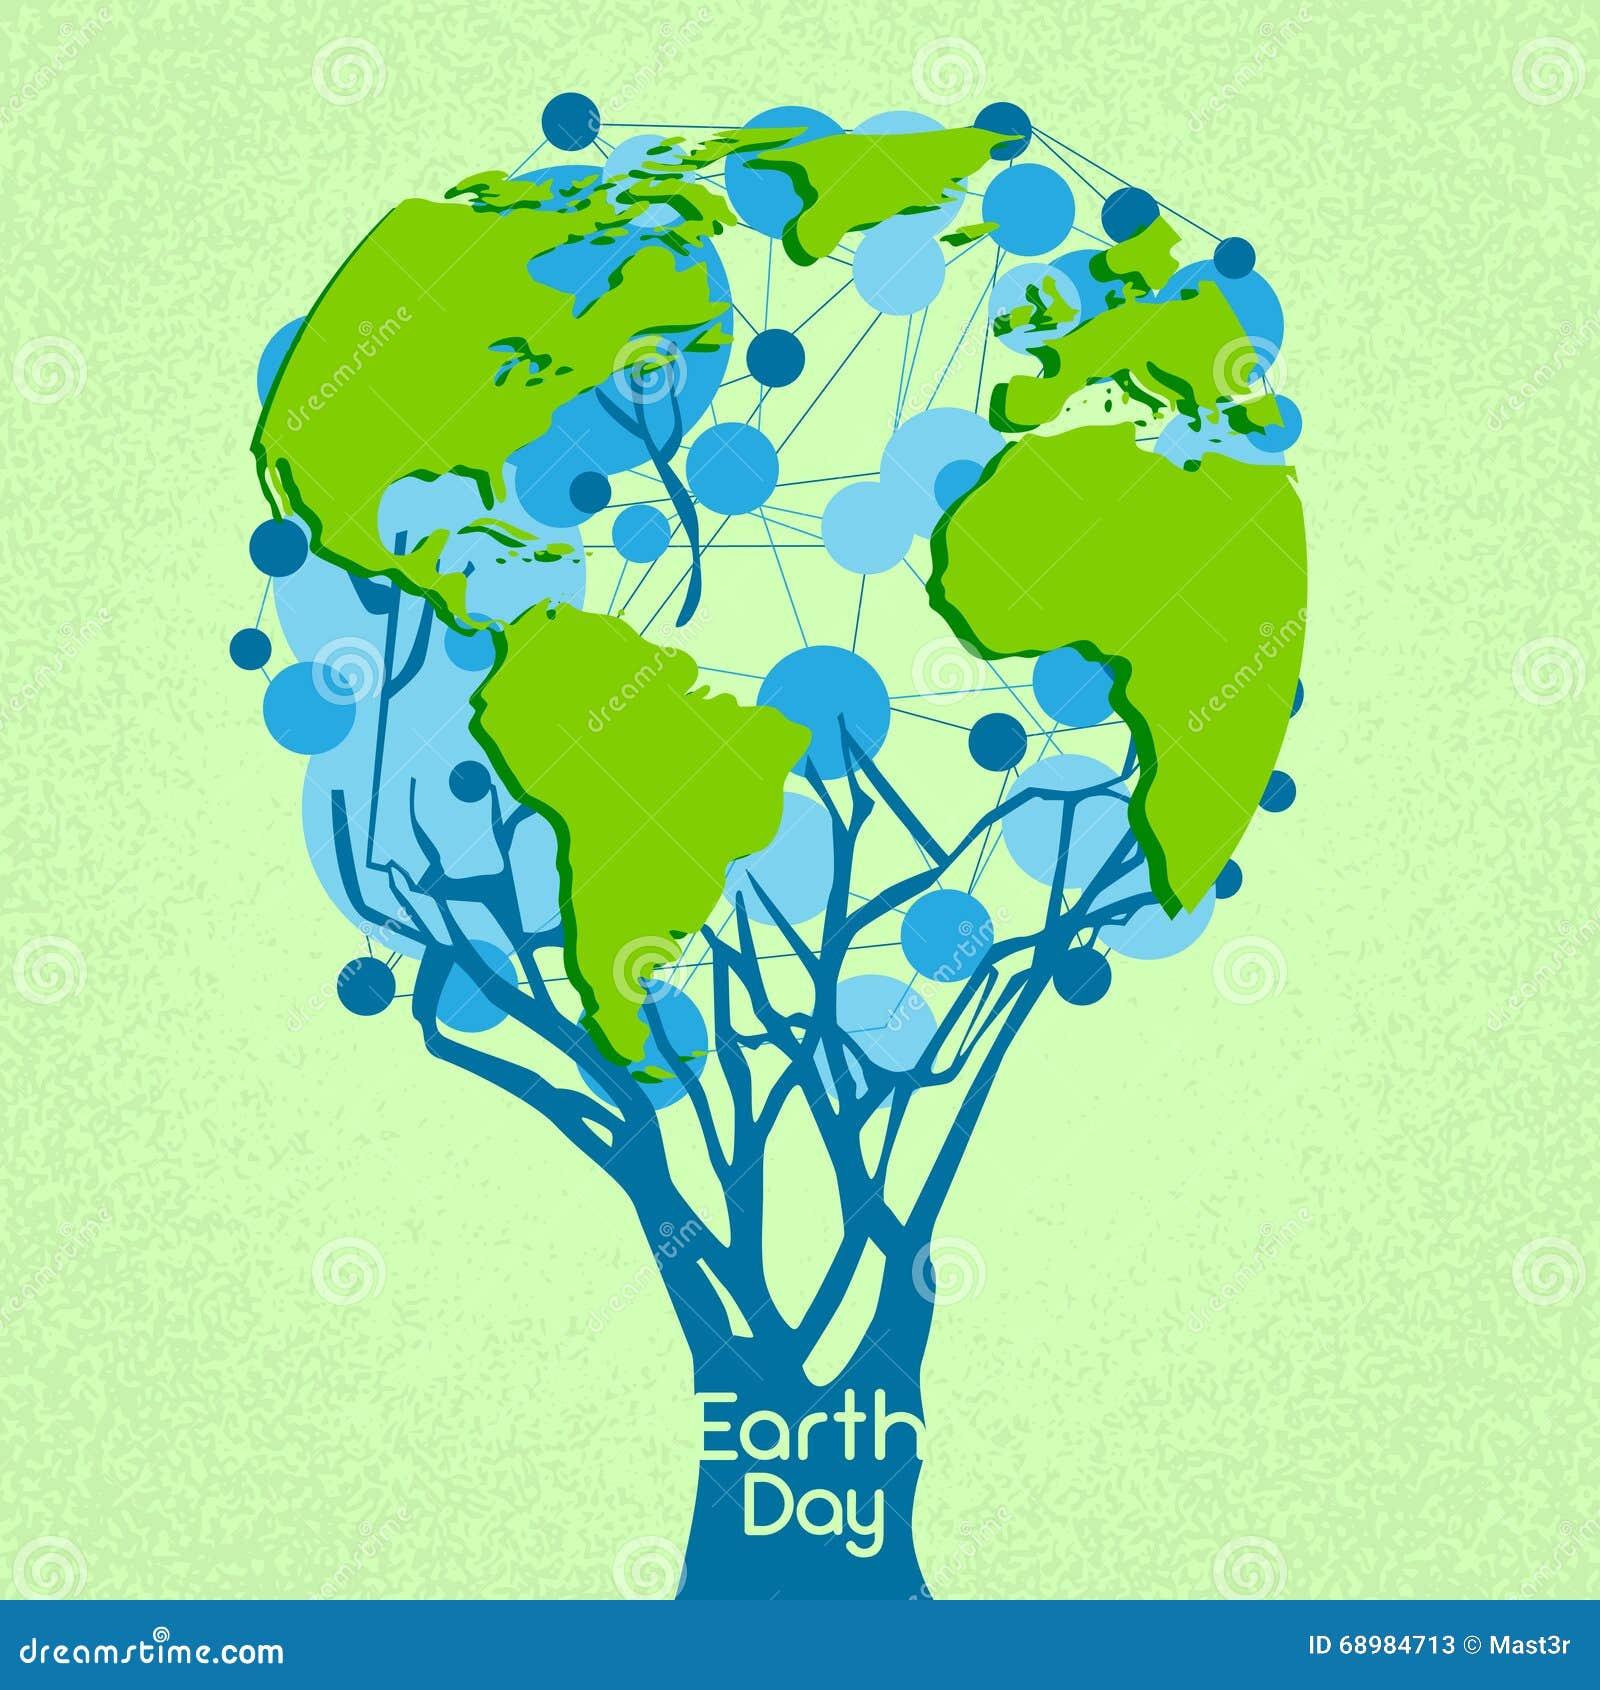 Tag der Erde-grüner Baum mit Kugel-Weltkonzept